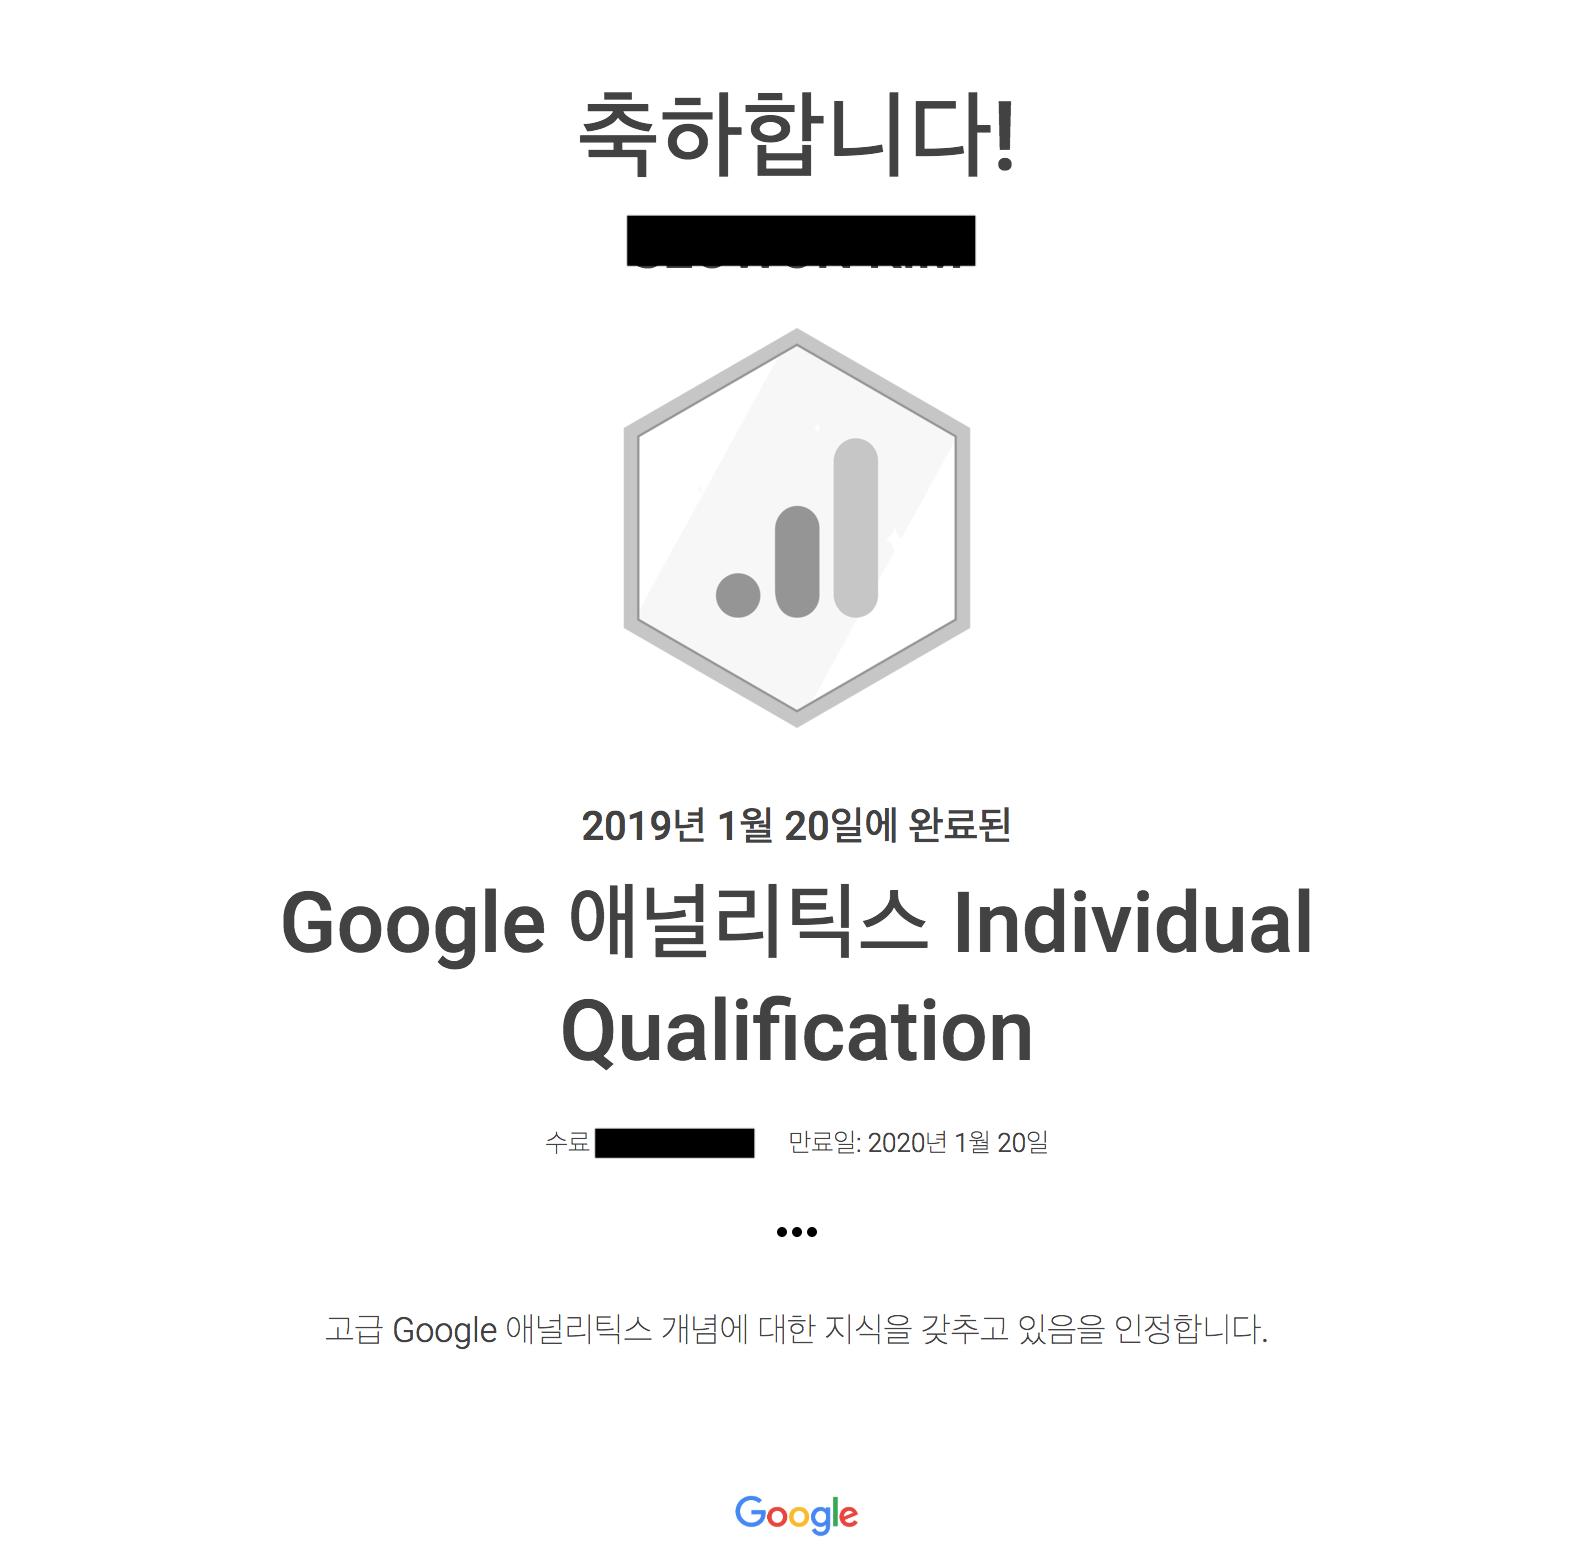 구글 애널리틱스 평가시험(GAIQ) 합격